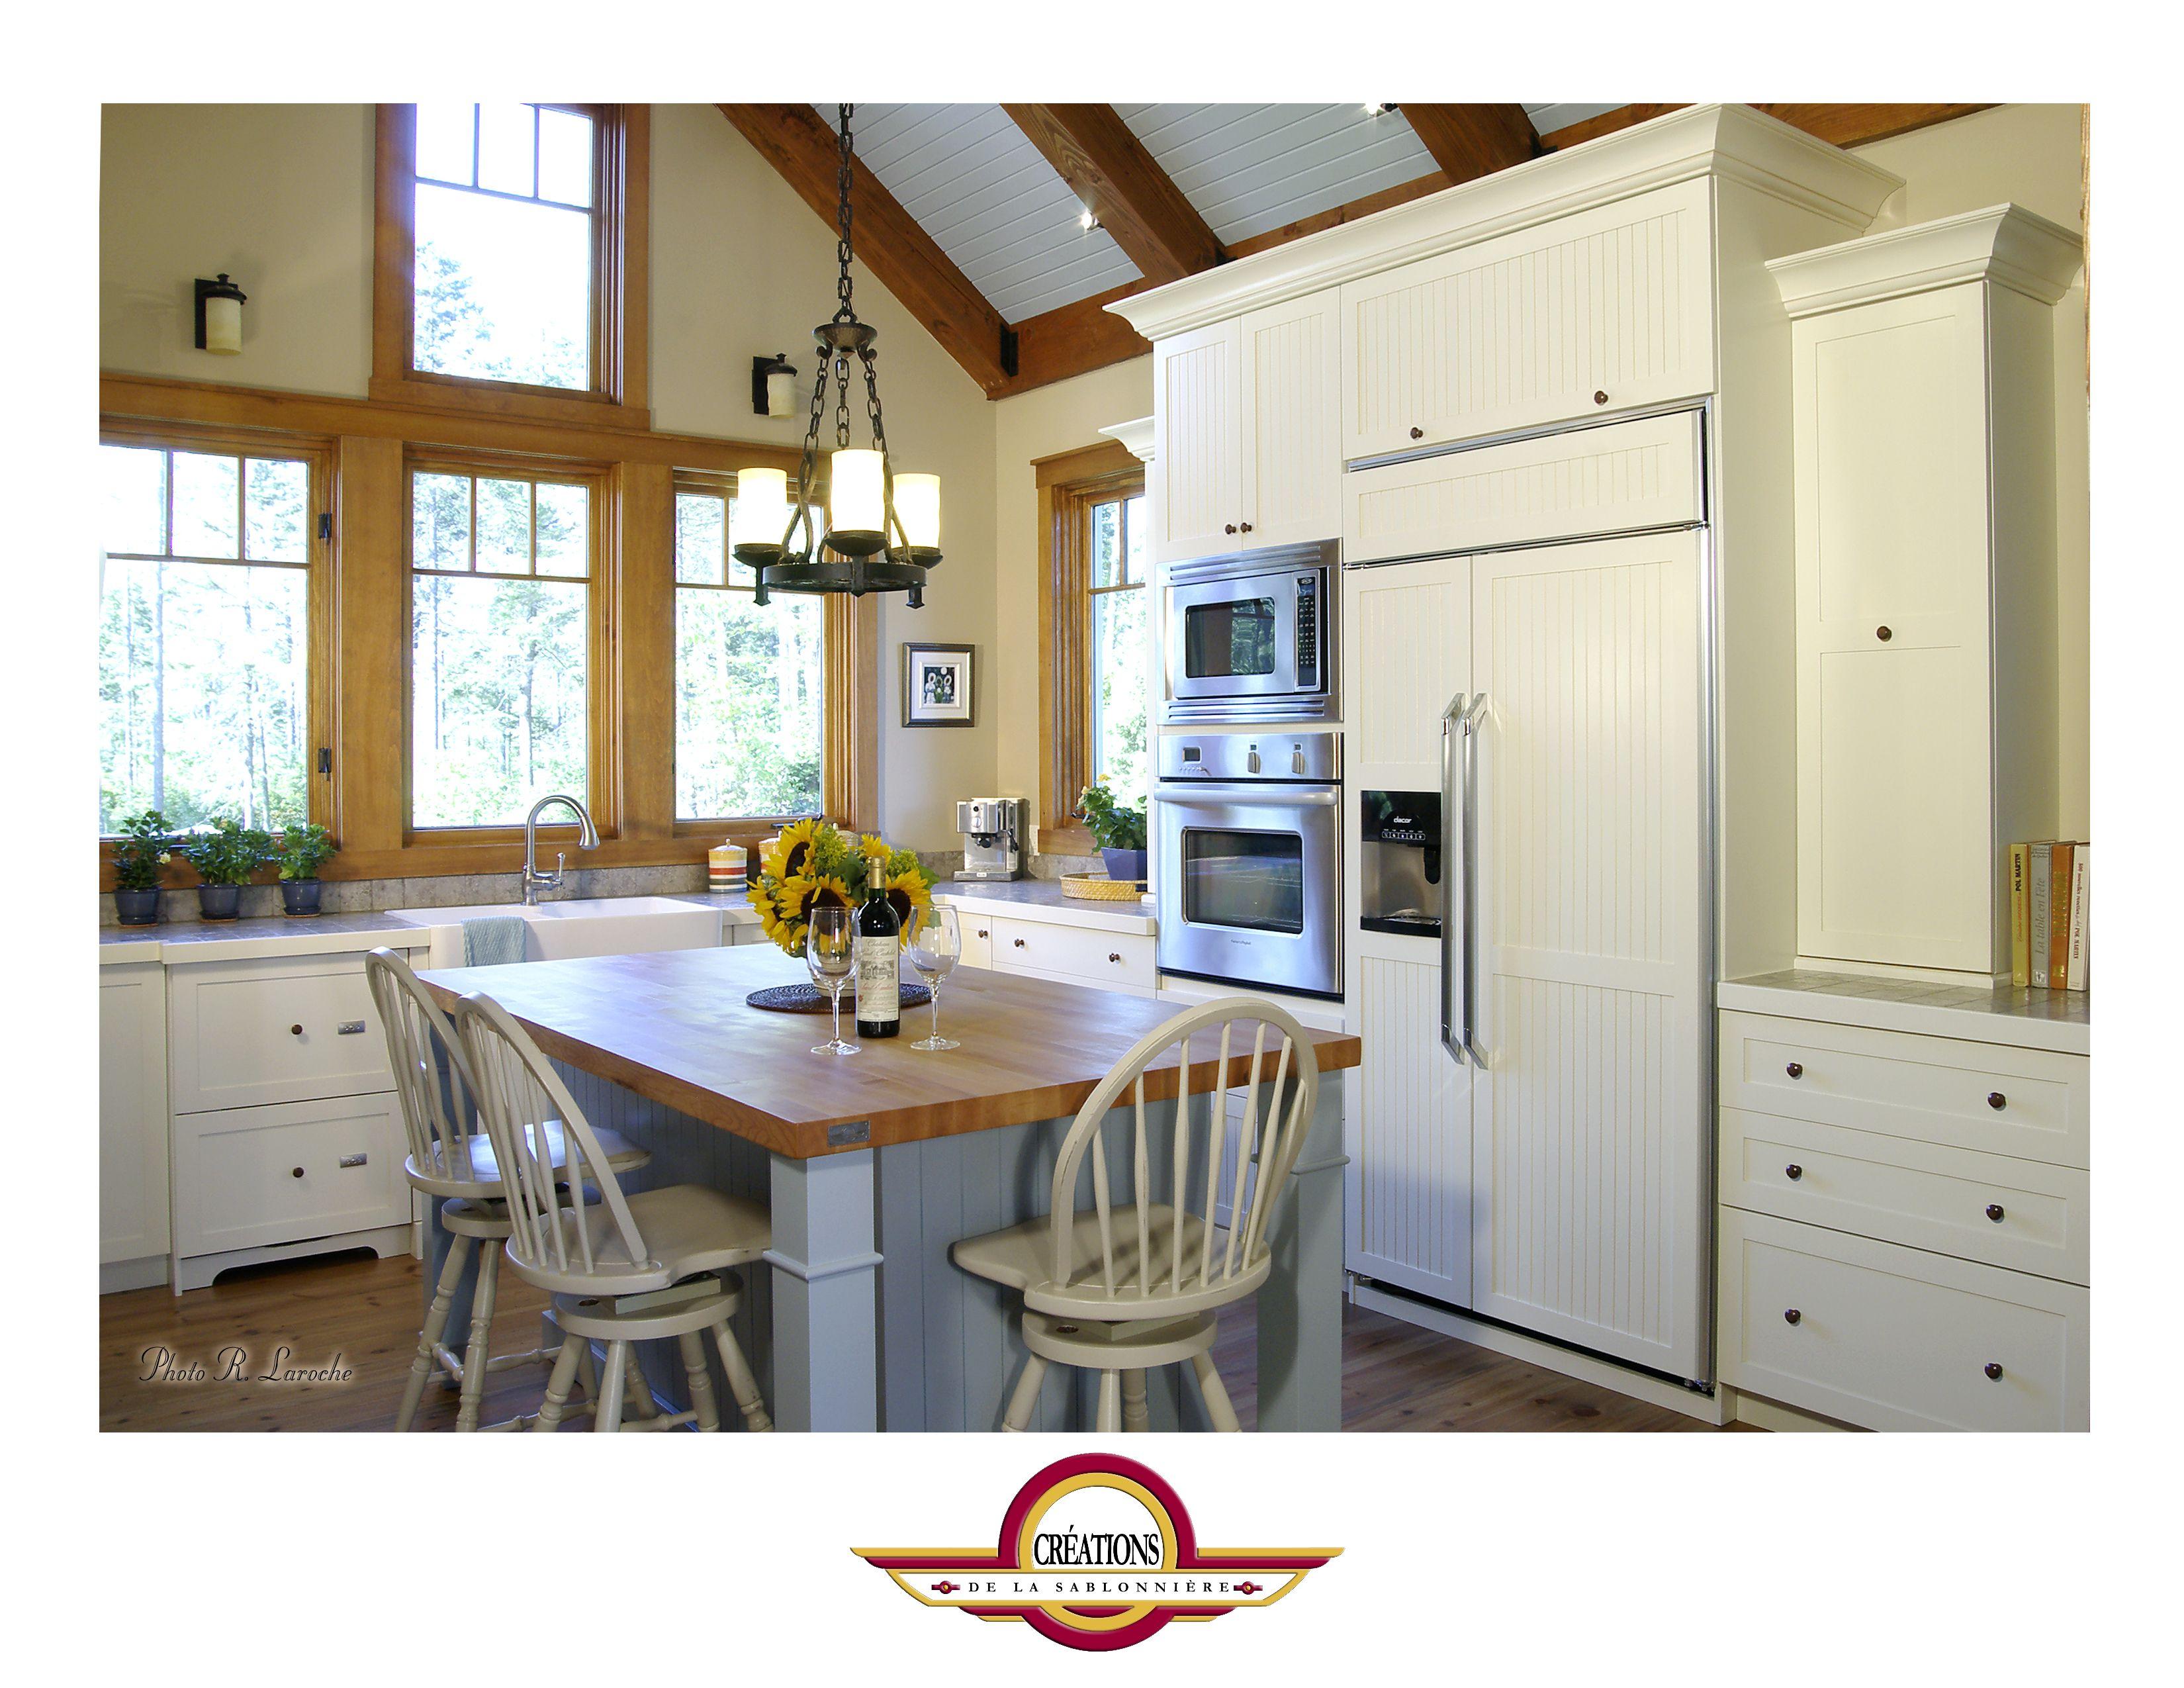 armoire de cuisine de style campagnard d 39 un blanc cr me avec un lot de couleur bleu ciel. Black Bedroom Furniture Sets. Home Design Ideas